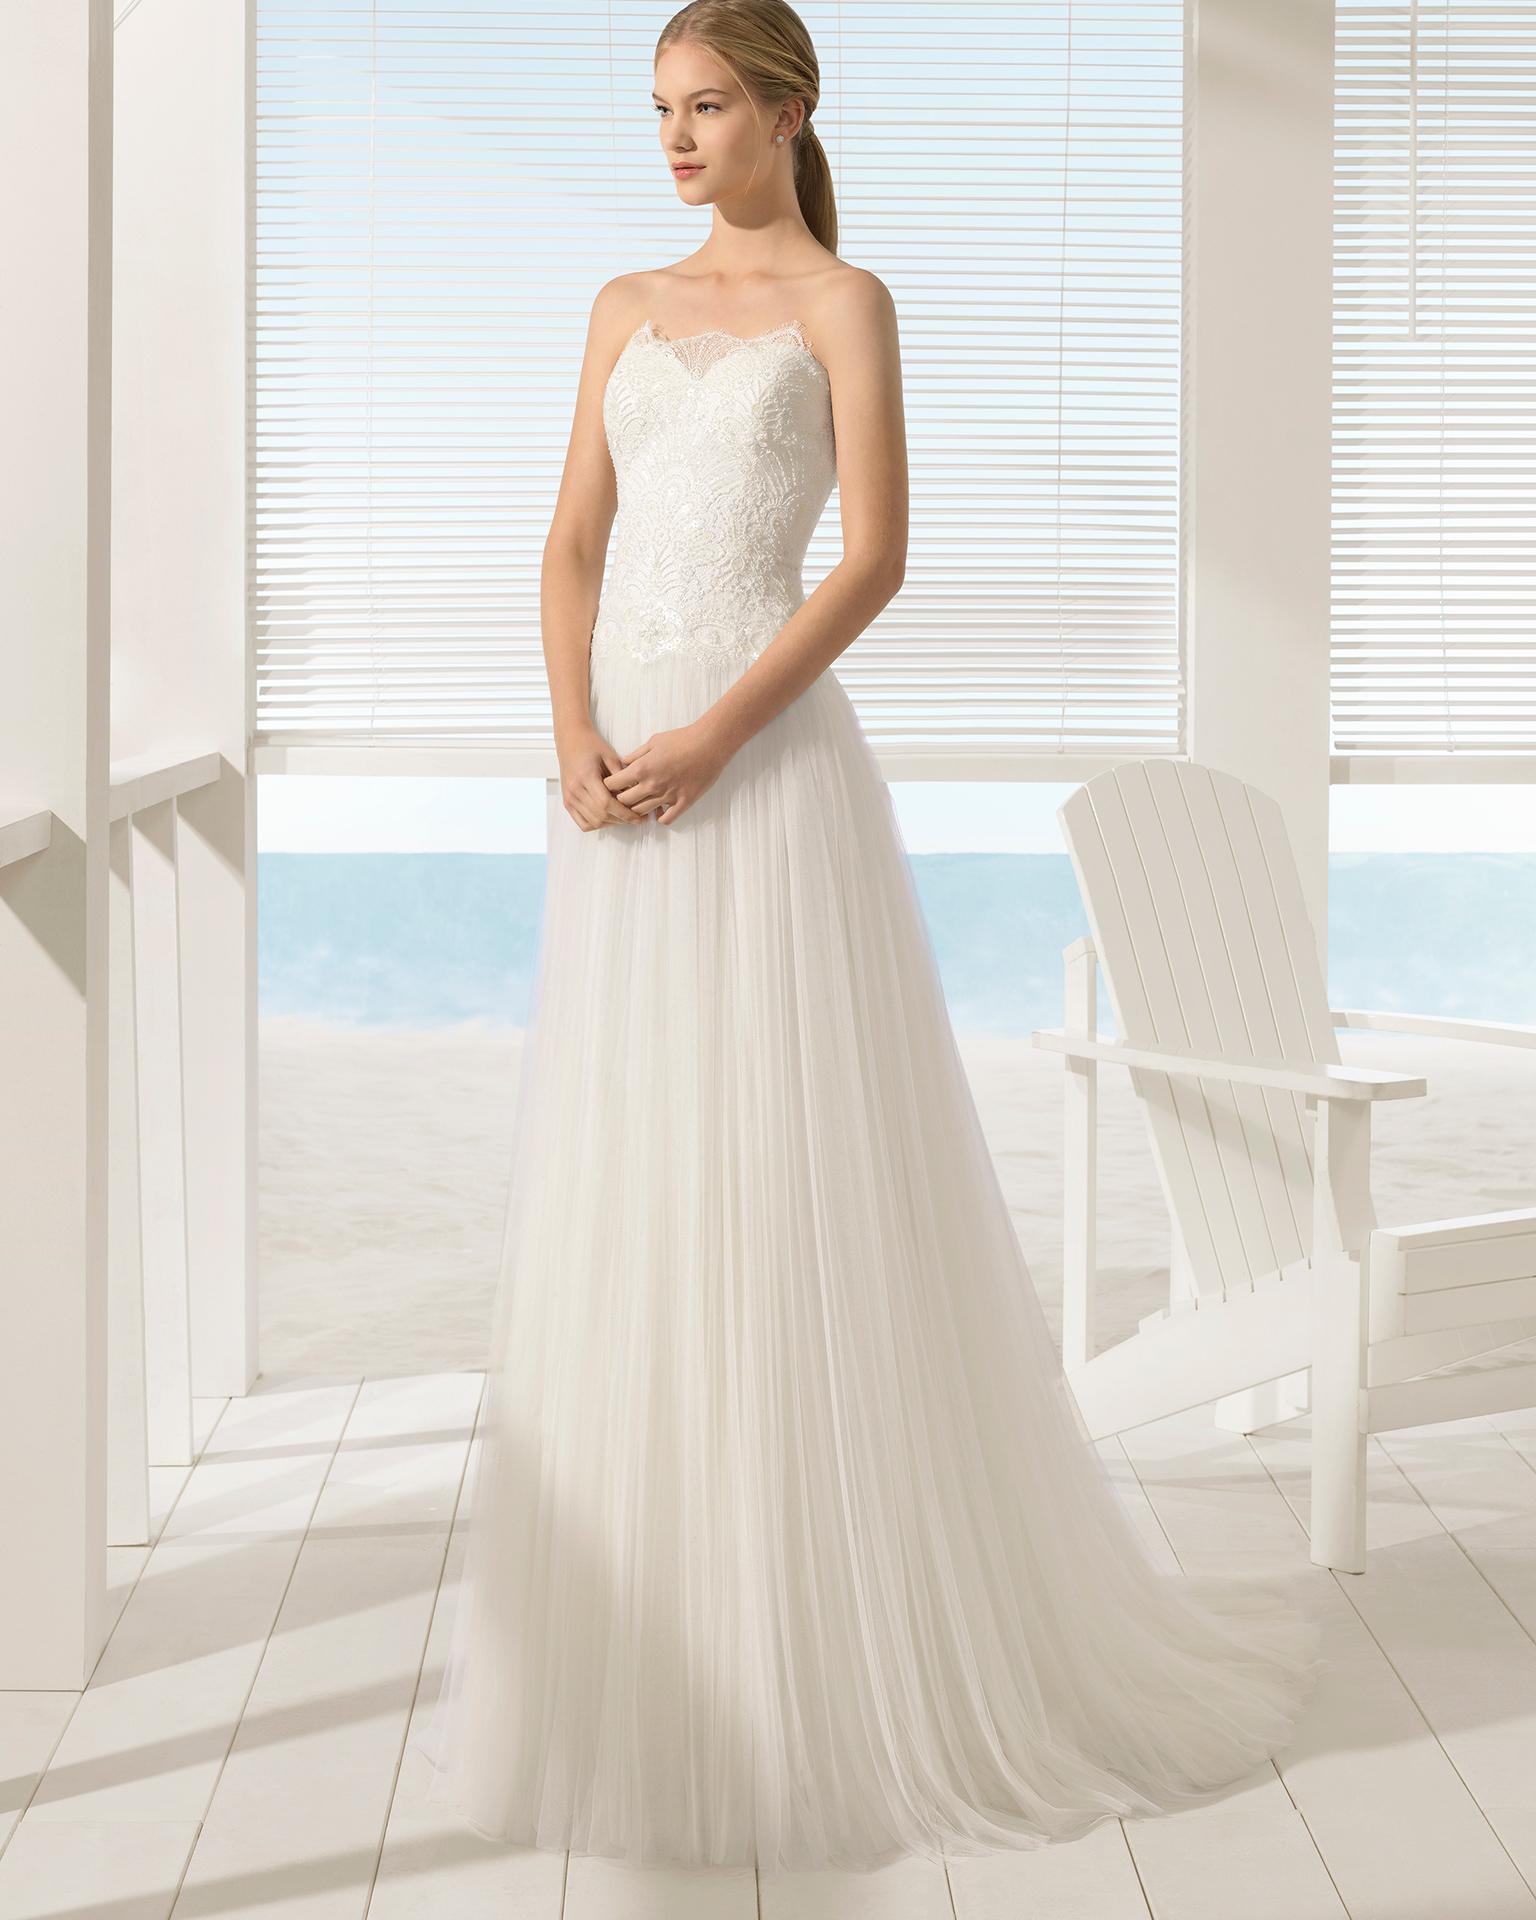 Robe de mariée style trapèze en tulle et dentelle avec pierreries, bustier avec transparences et veste.